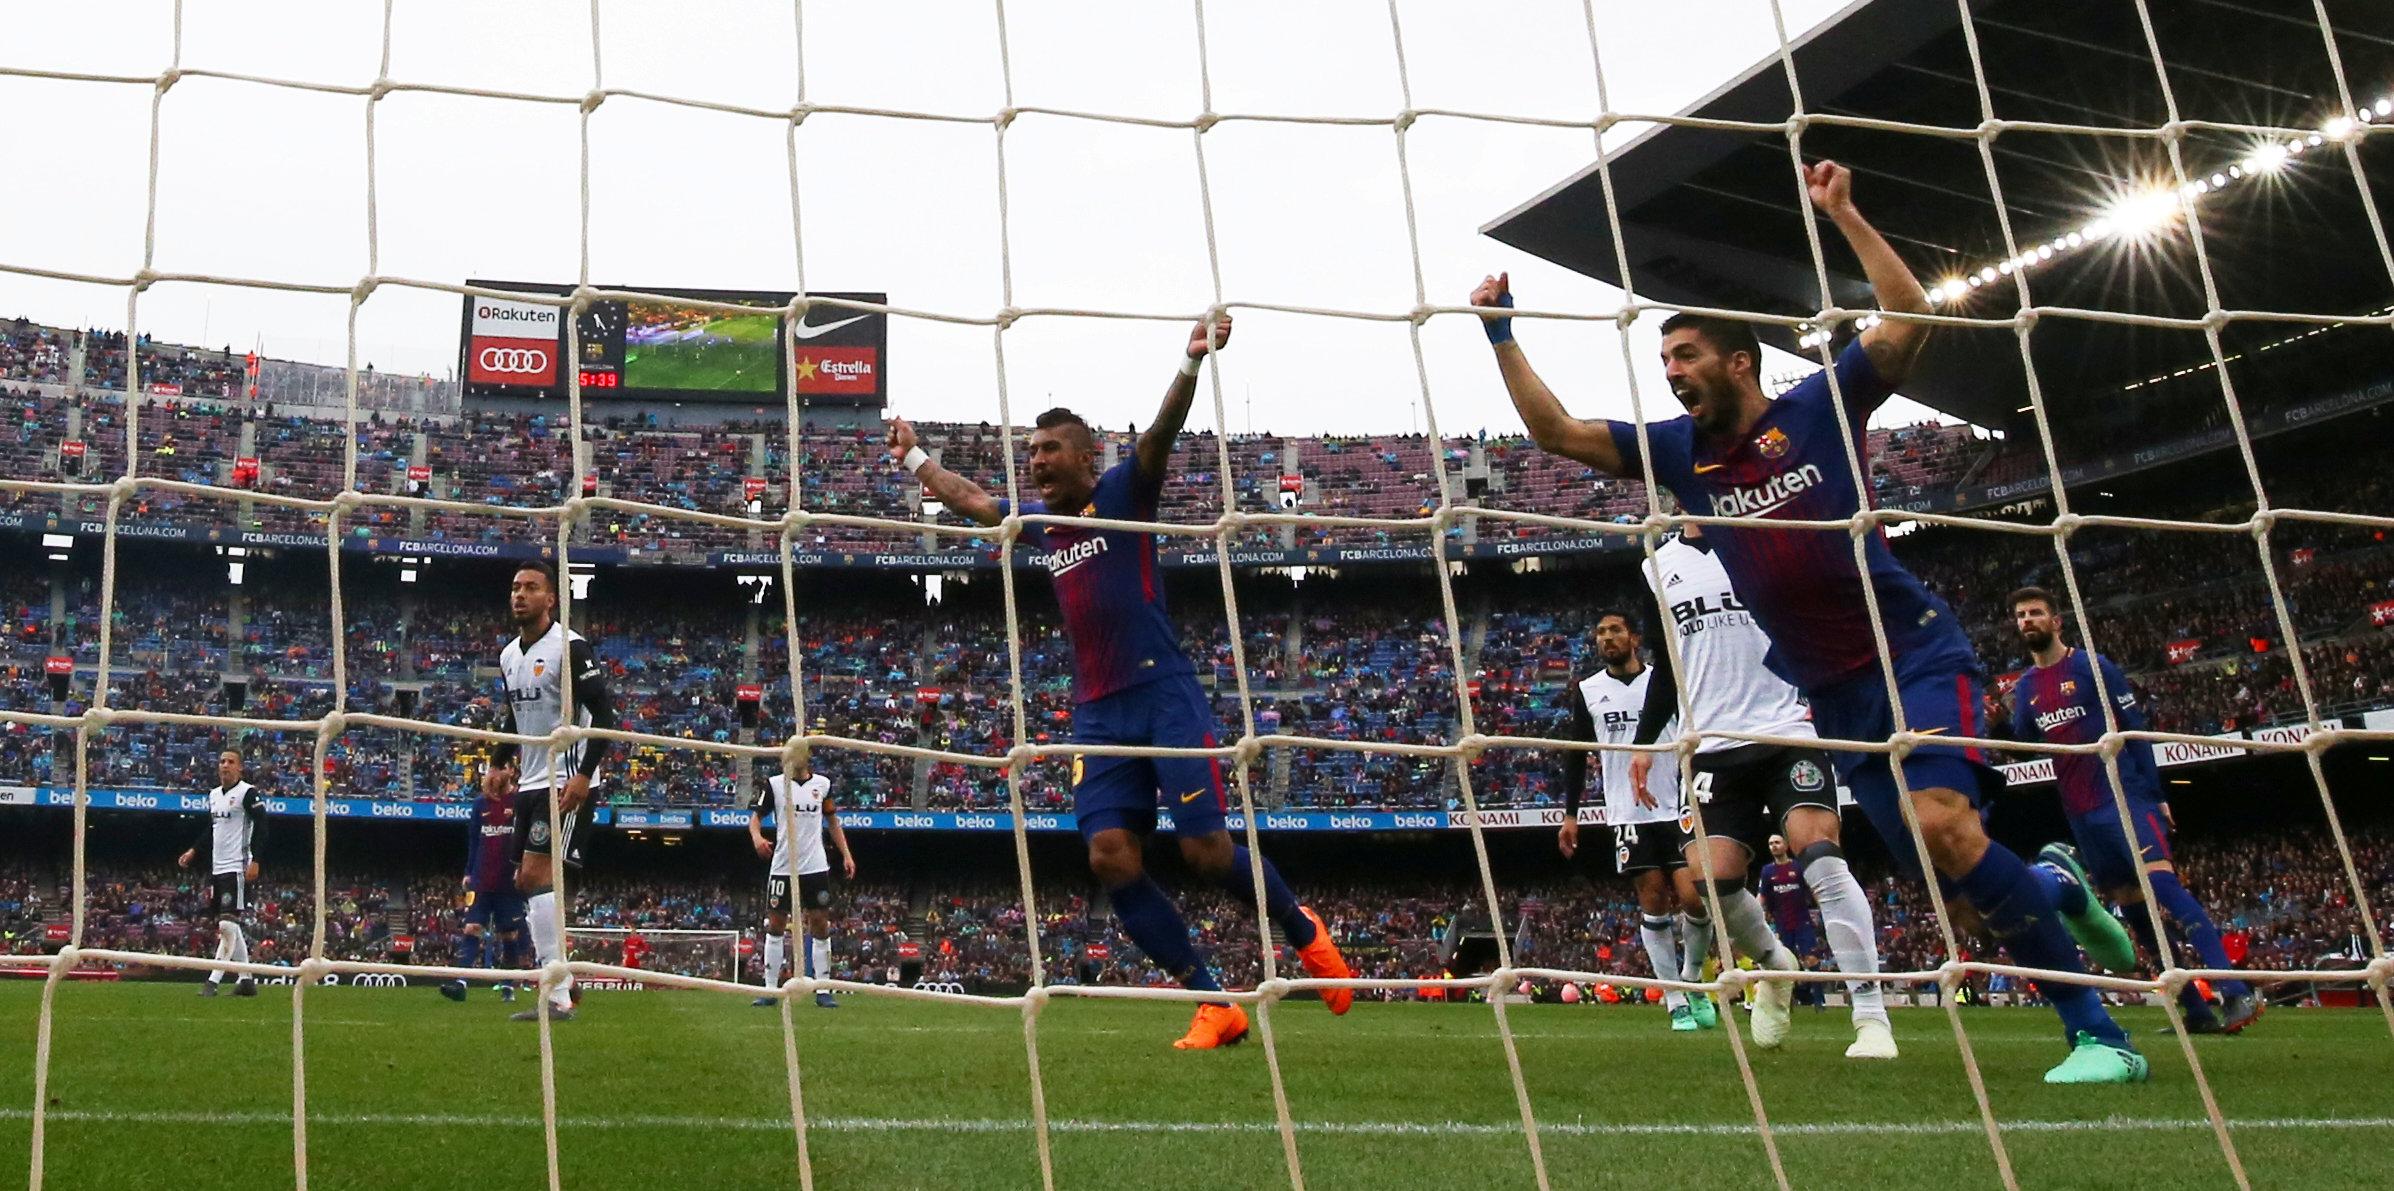 فريق برشلونة بإنتصاره على فريق بلنسية